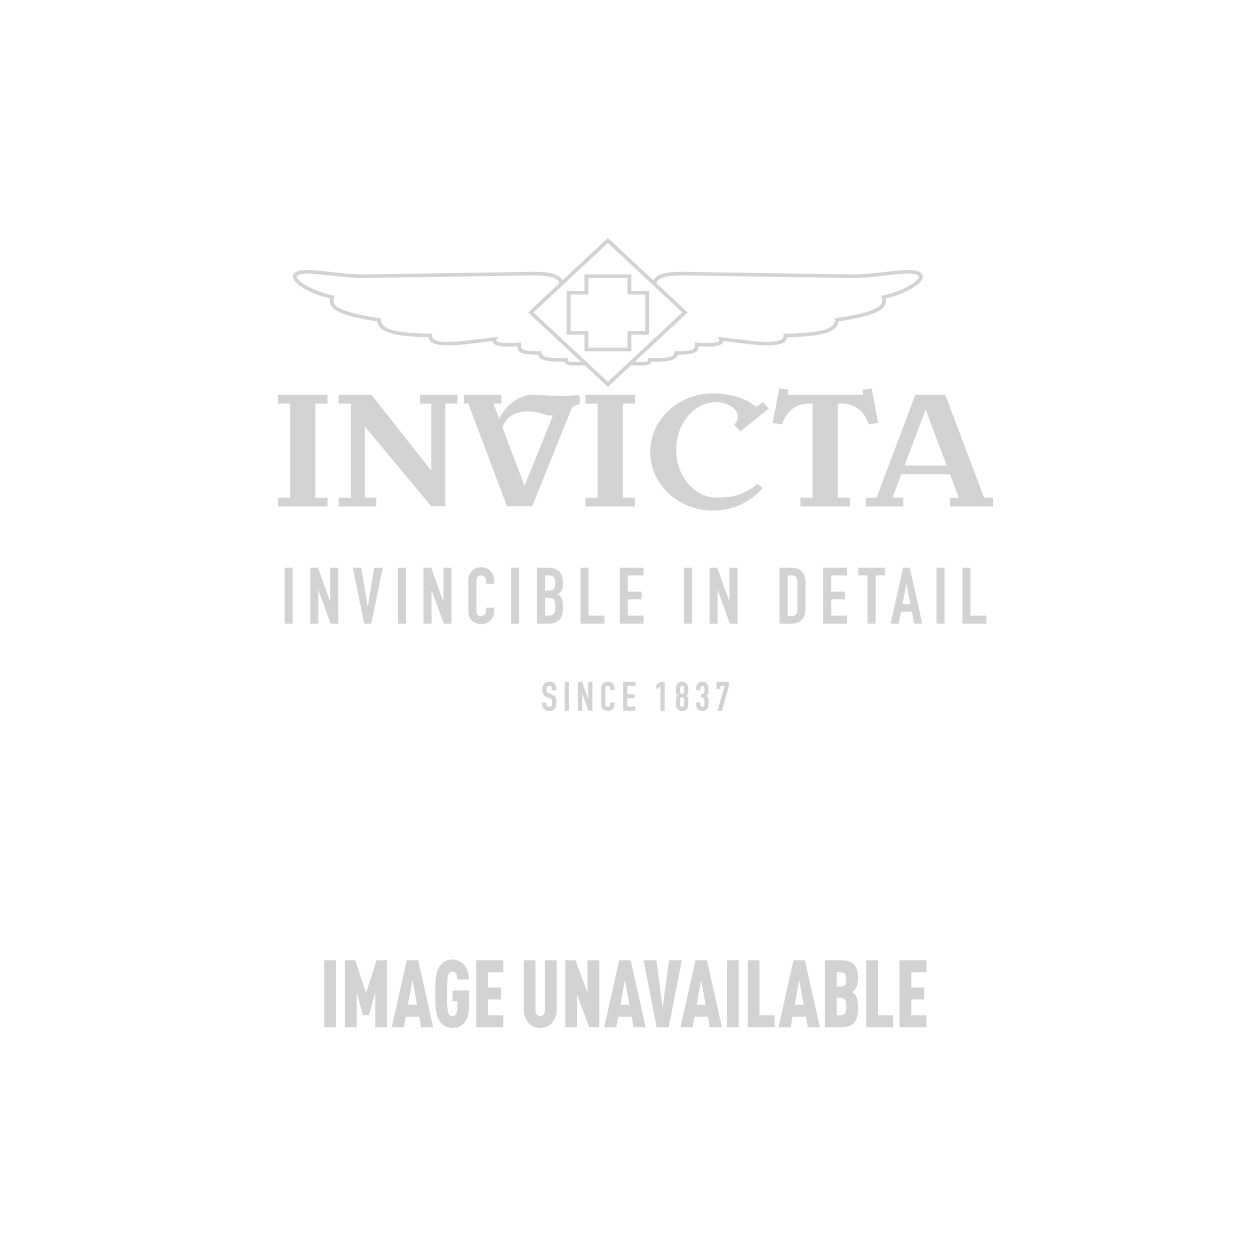 Invicta Model 22322